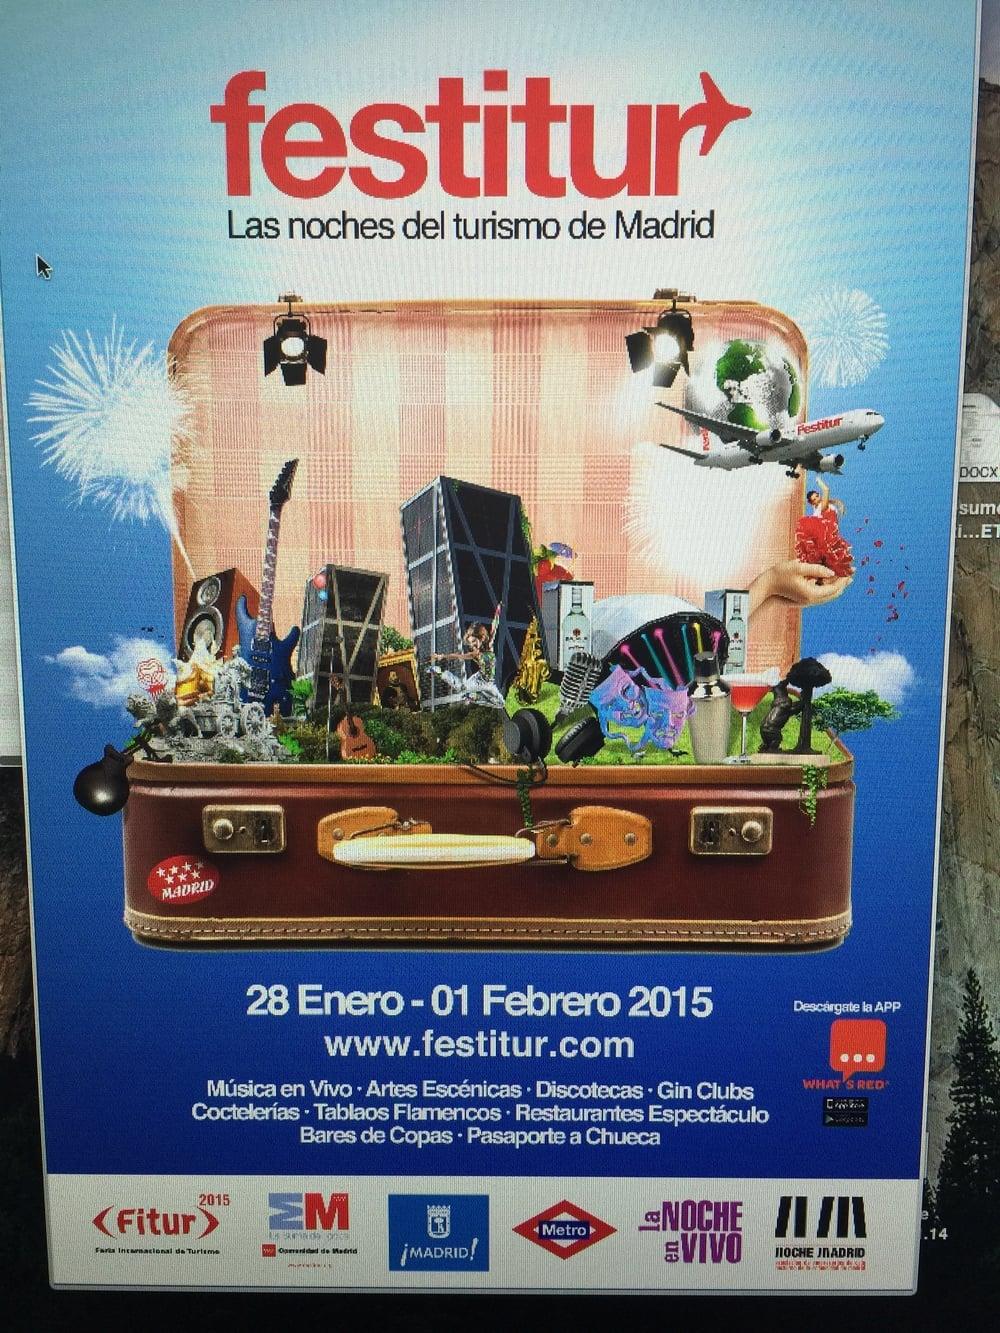 festitur2015